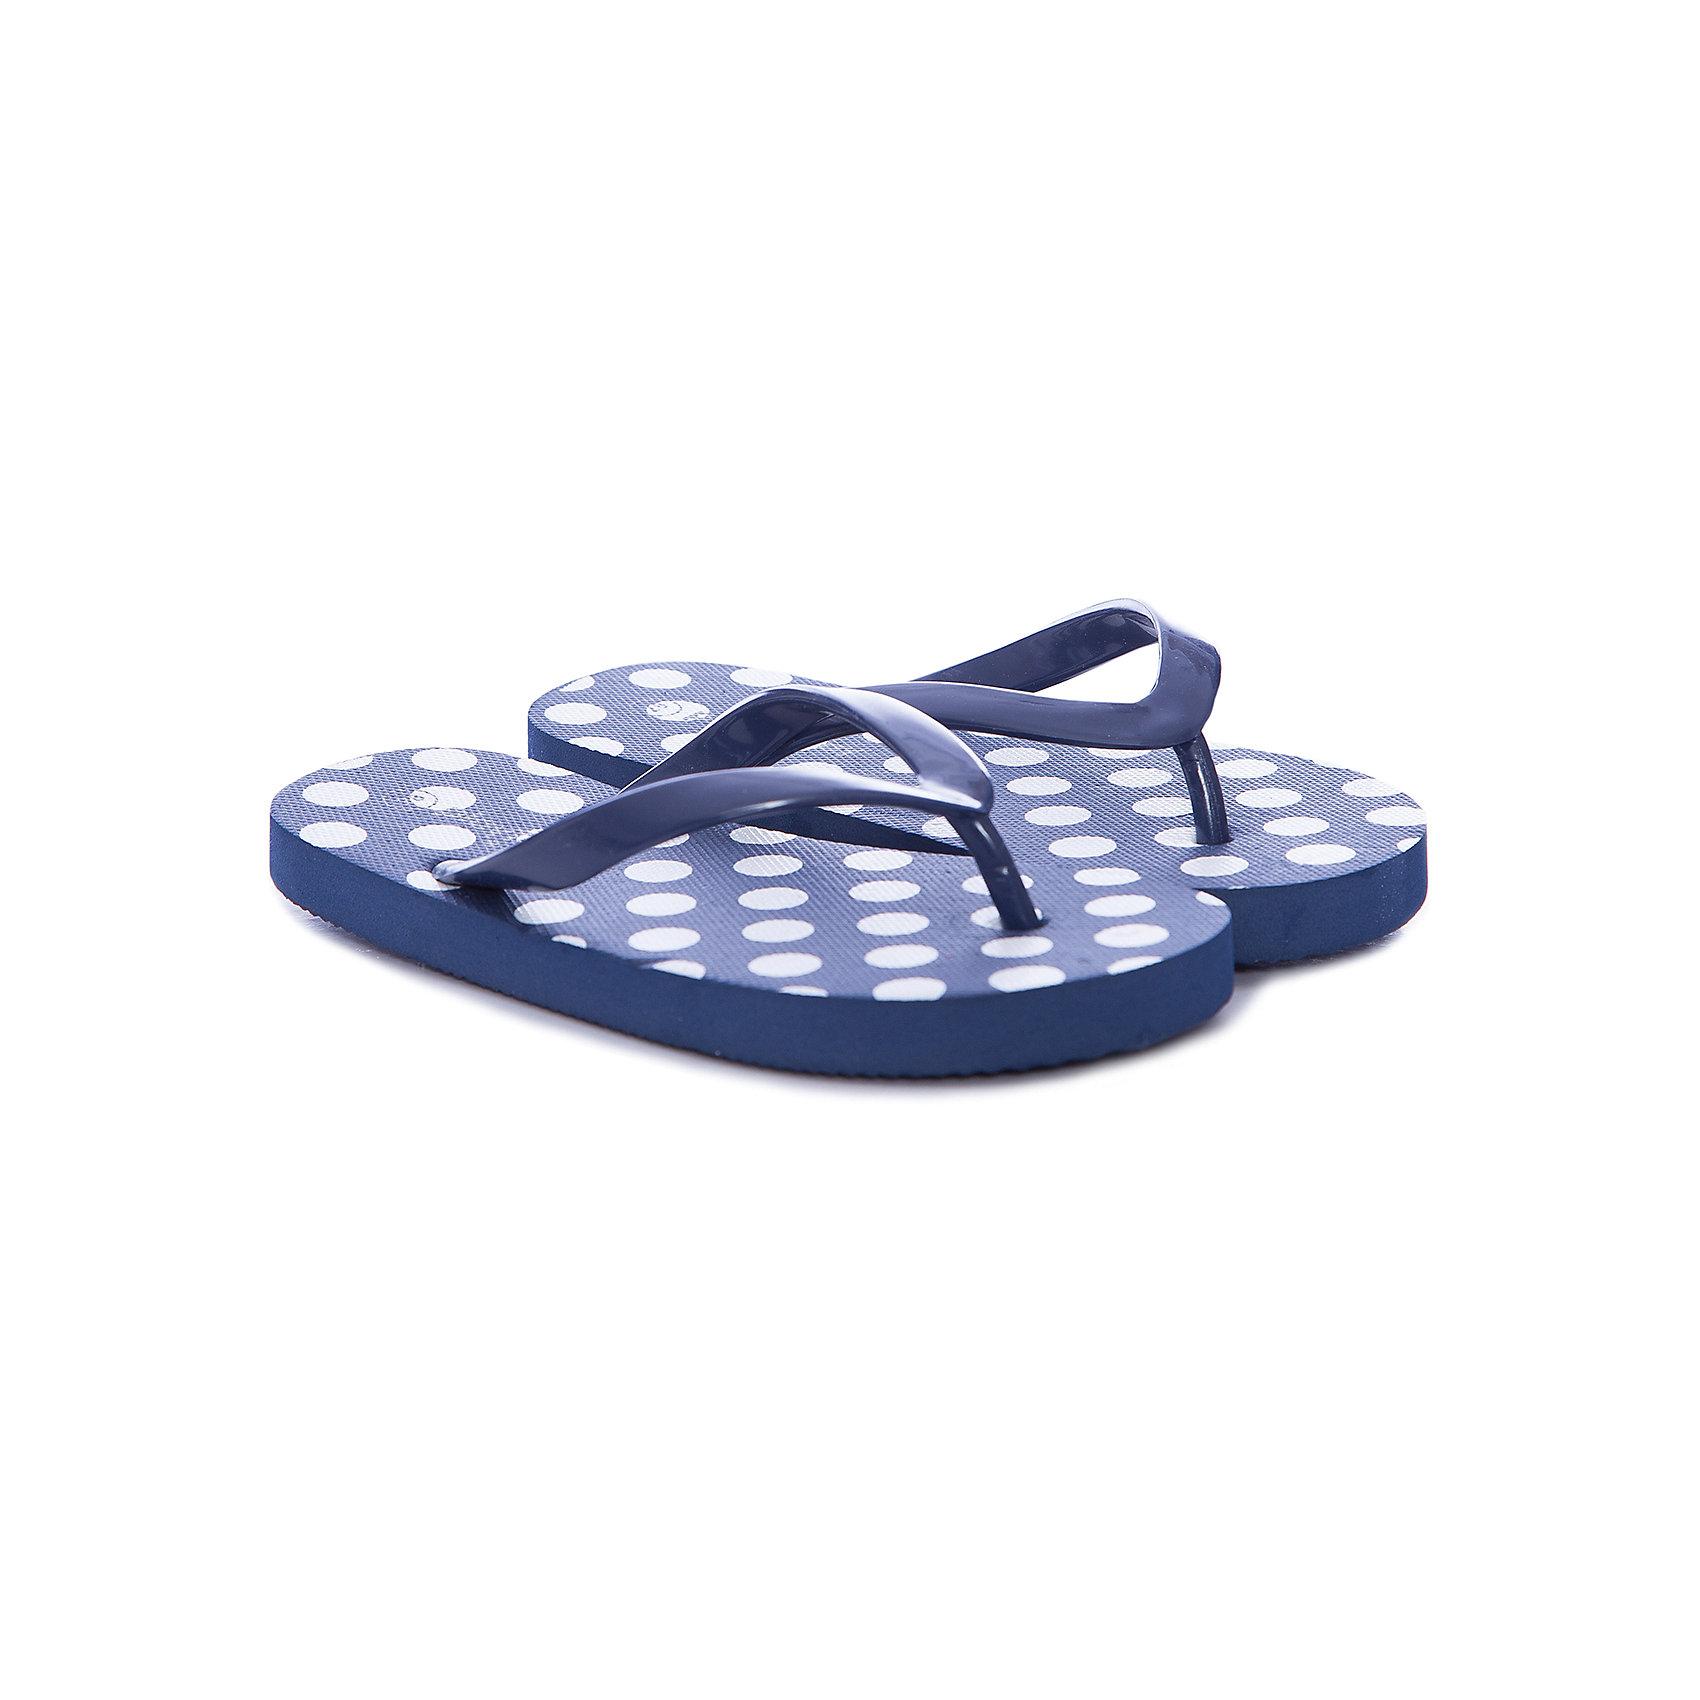 Шлепанцы для девочки PlayTodayПляжная обувь<br>Легкие шлепанцы из мягкого водонепроницаемого материала подойдут и для пляжа, и для бассейна. Подошва модели декорирована ярким рисунком.<br>Состав:<br>100% поливинилхлорид<br><br>Ширина мм: 225<br>Глубина мм: 139<br>Высота мм: 112<br>Вес г: 290<br>Цвет: синий<br>Возраст от месяцев: 72<br>Возраст до месяцев: 84<br>Пол: Женский<br>Возраст: Детский<br>Размер: 30,32,28,29,33,34,31<br>SKU: 5604646